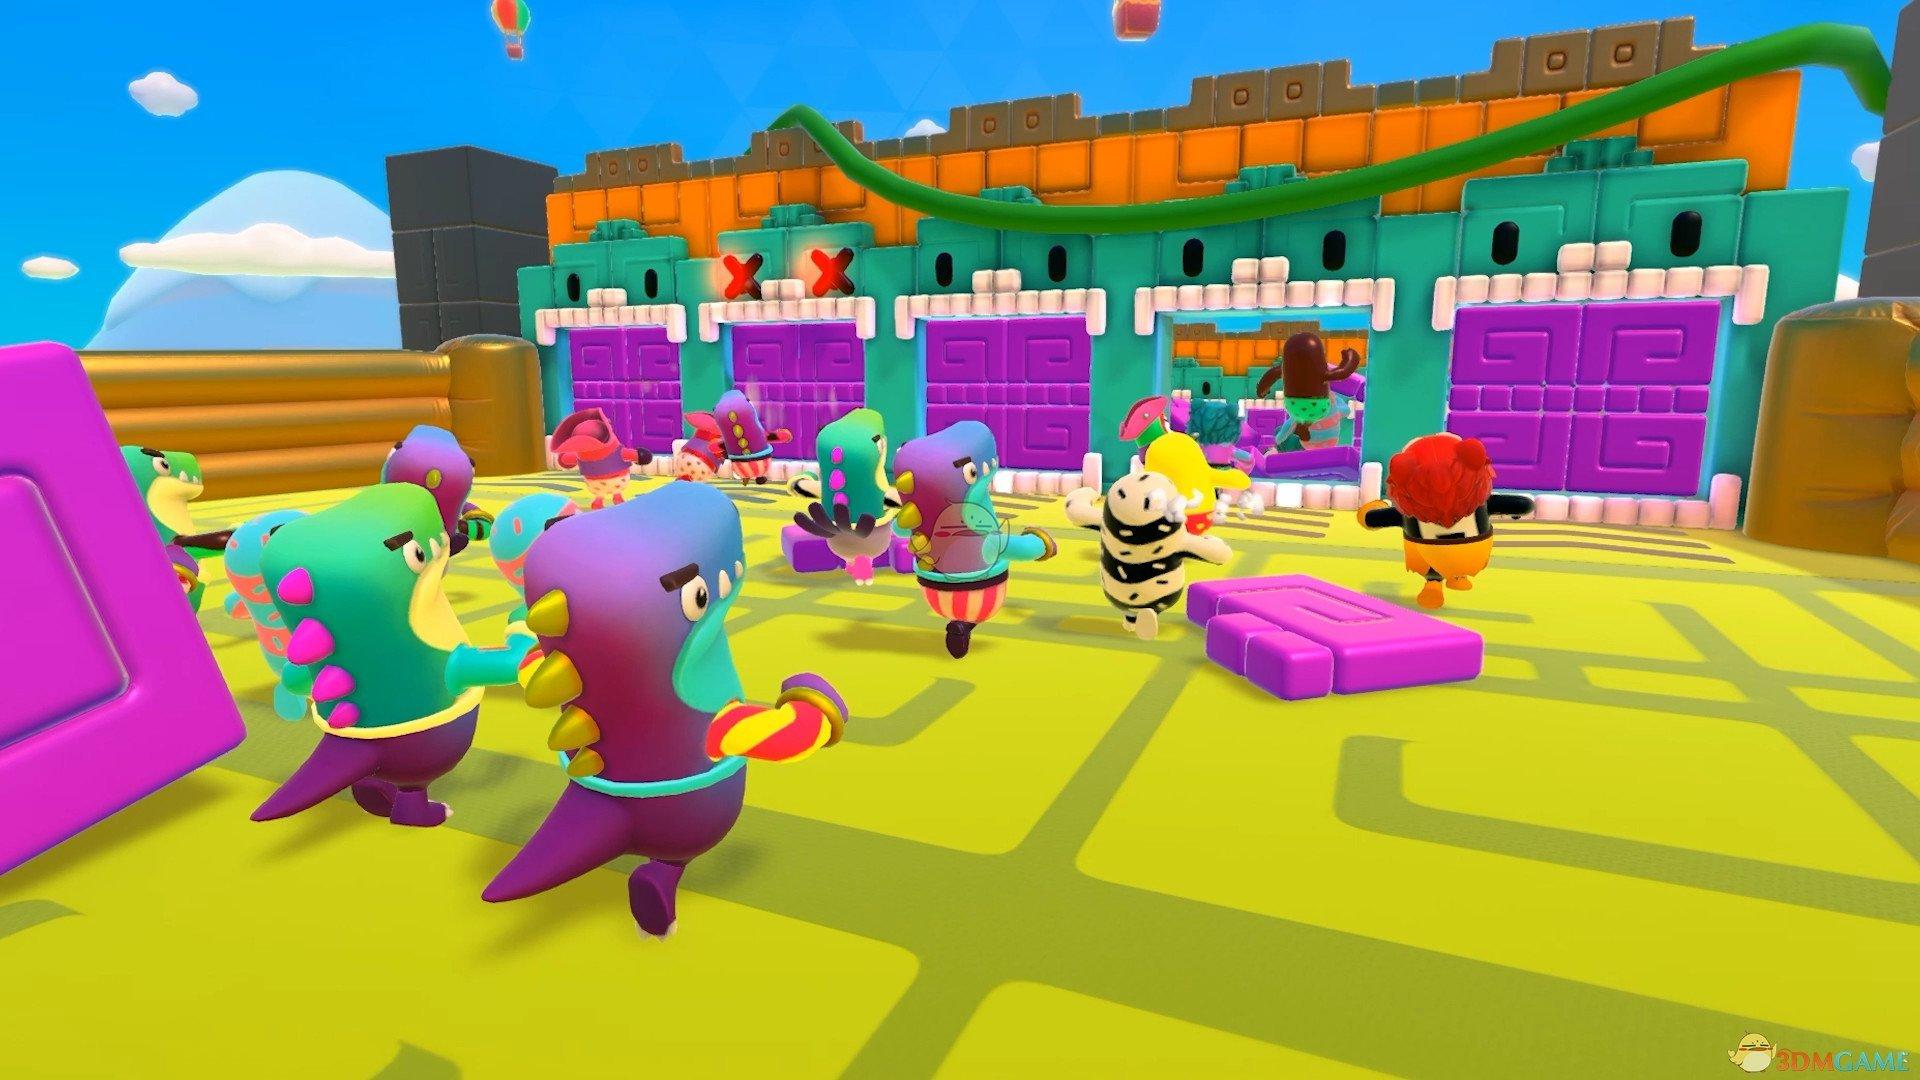 《糖豆人:终极淘汰赛》游戏特色内容一览